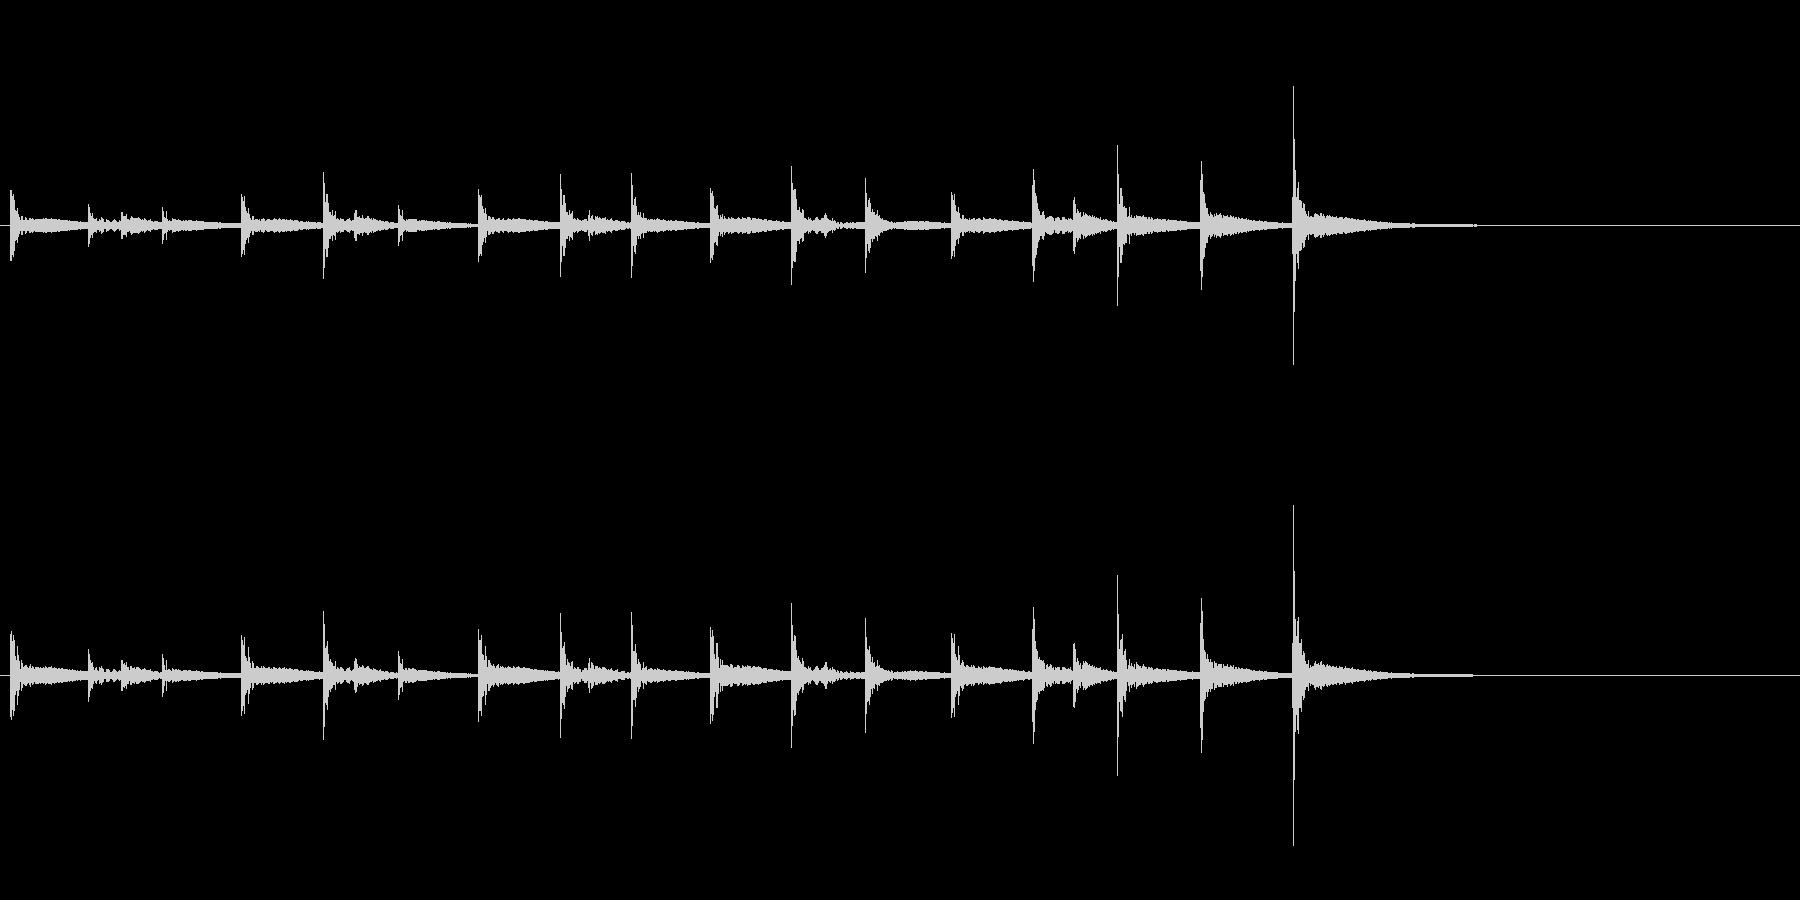 祭囃子や邦楽囃子の豆太鼓のフレーズ音の未再生の波形